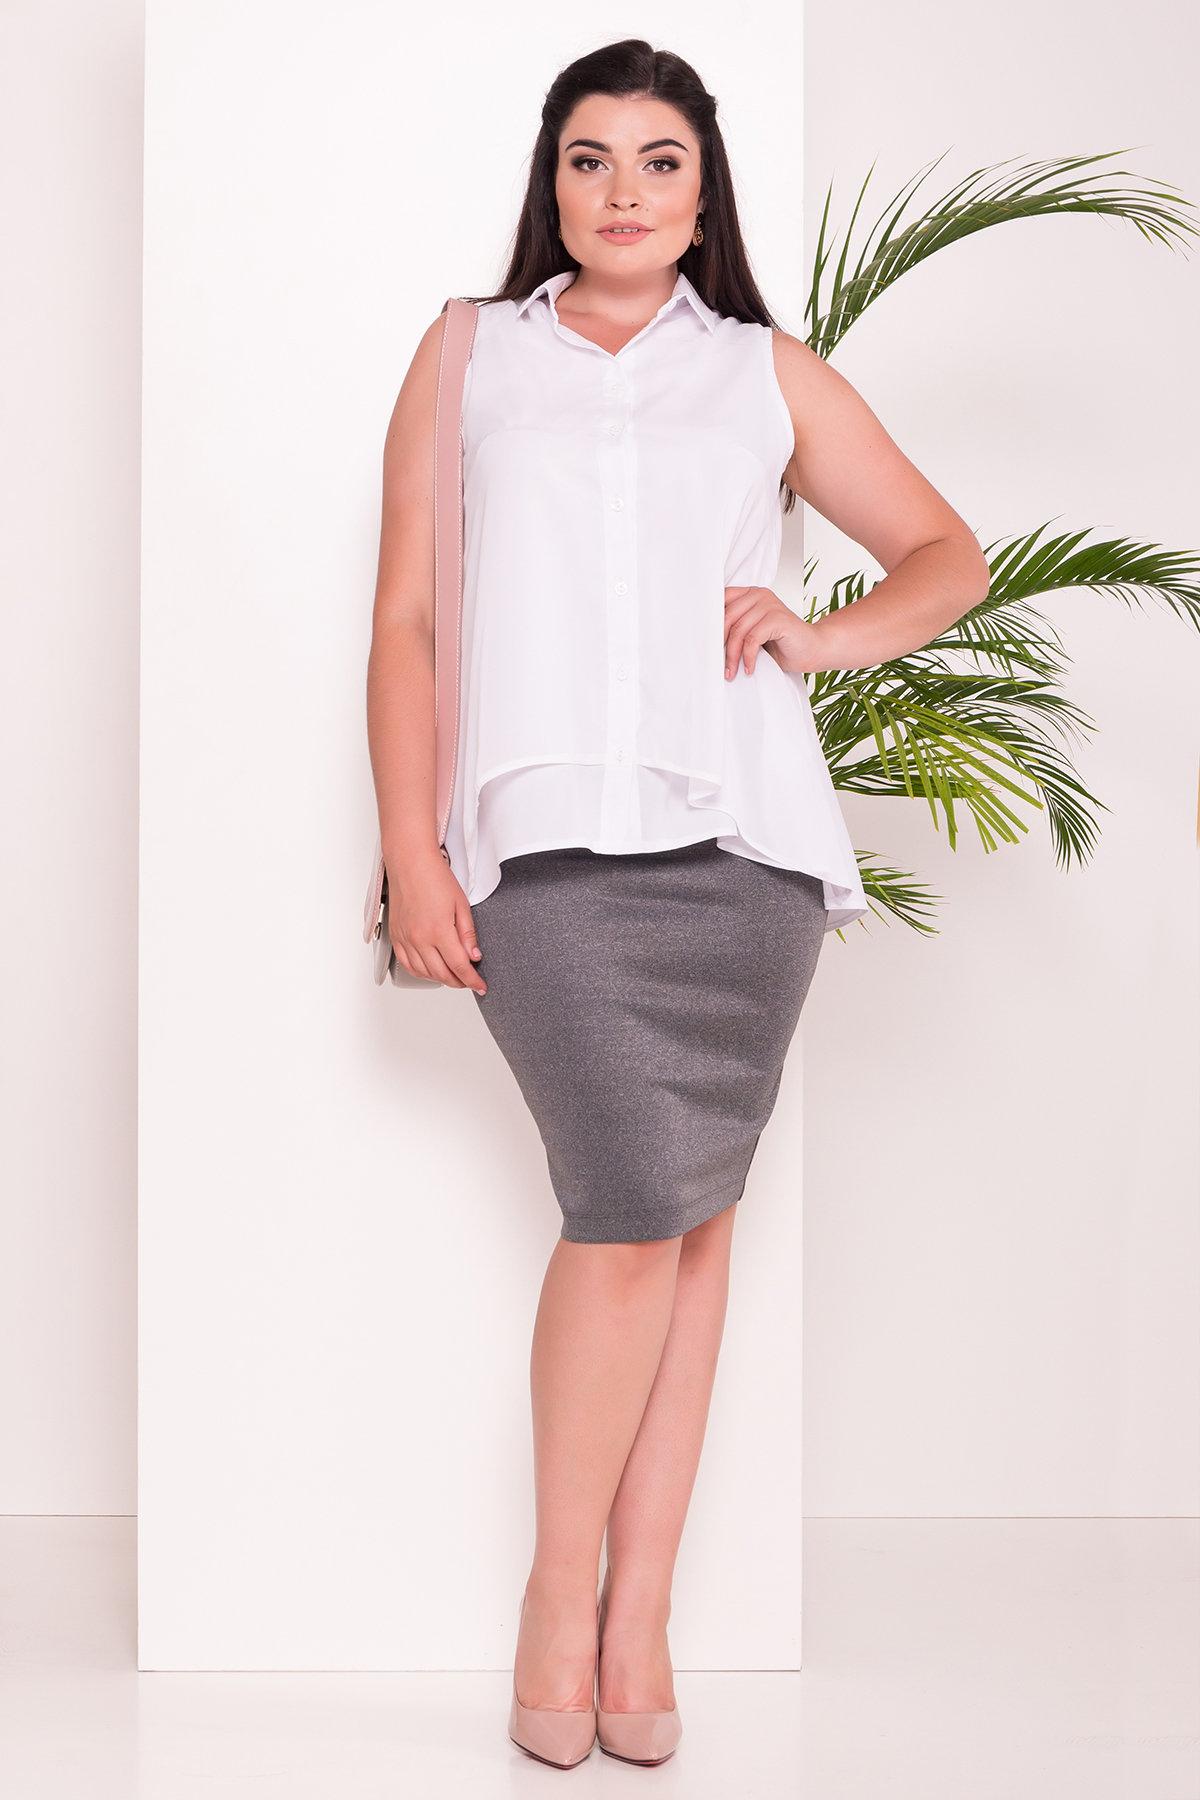 Рубашка Мелория Donna 7521 АРТ. 43455 Цвет: Белый - фото 4, интернет магазин tm-modus.ru